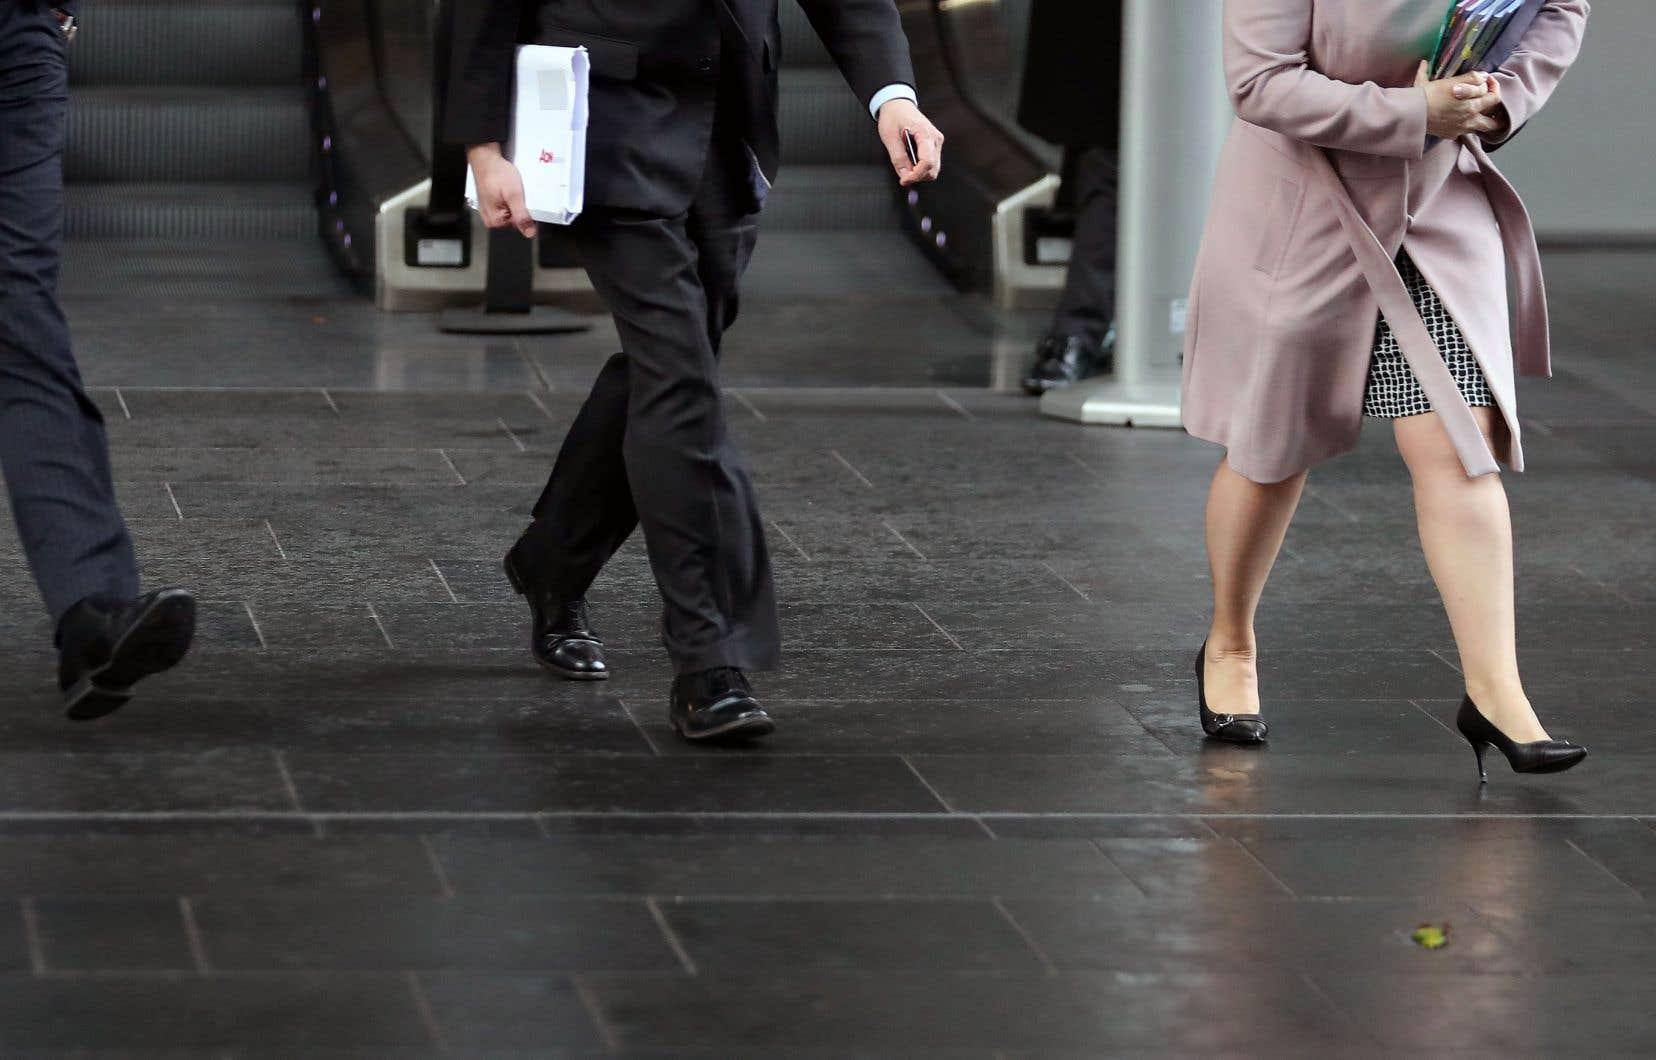 Selon une liste publiée par le gouvernement du Royaume-Uni, un homme gagne en moyenne 12% de plus qu'une femme.